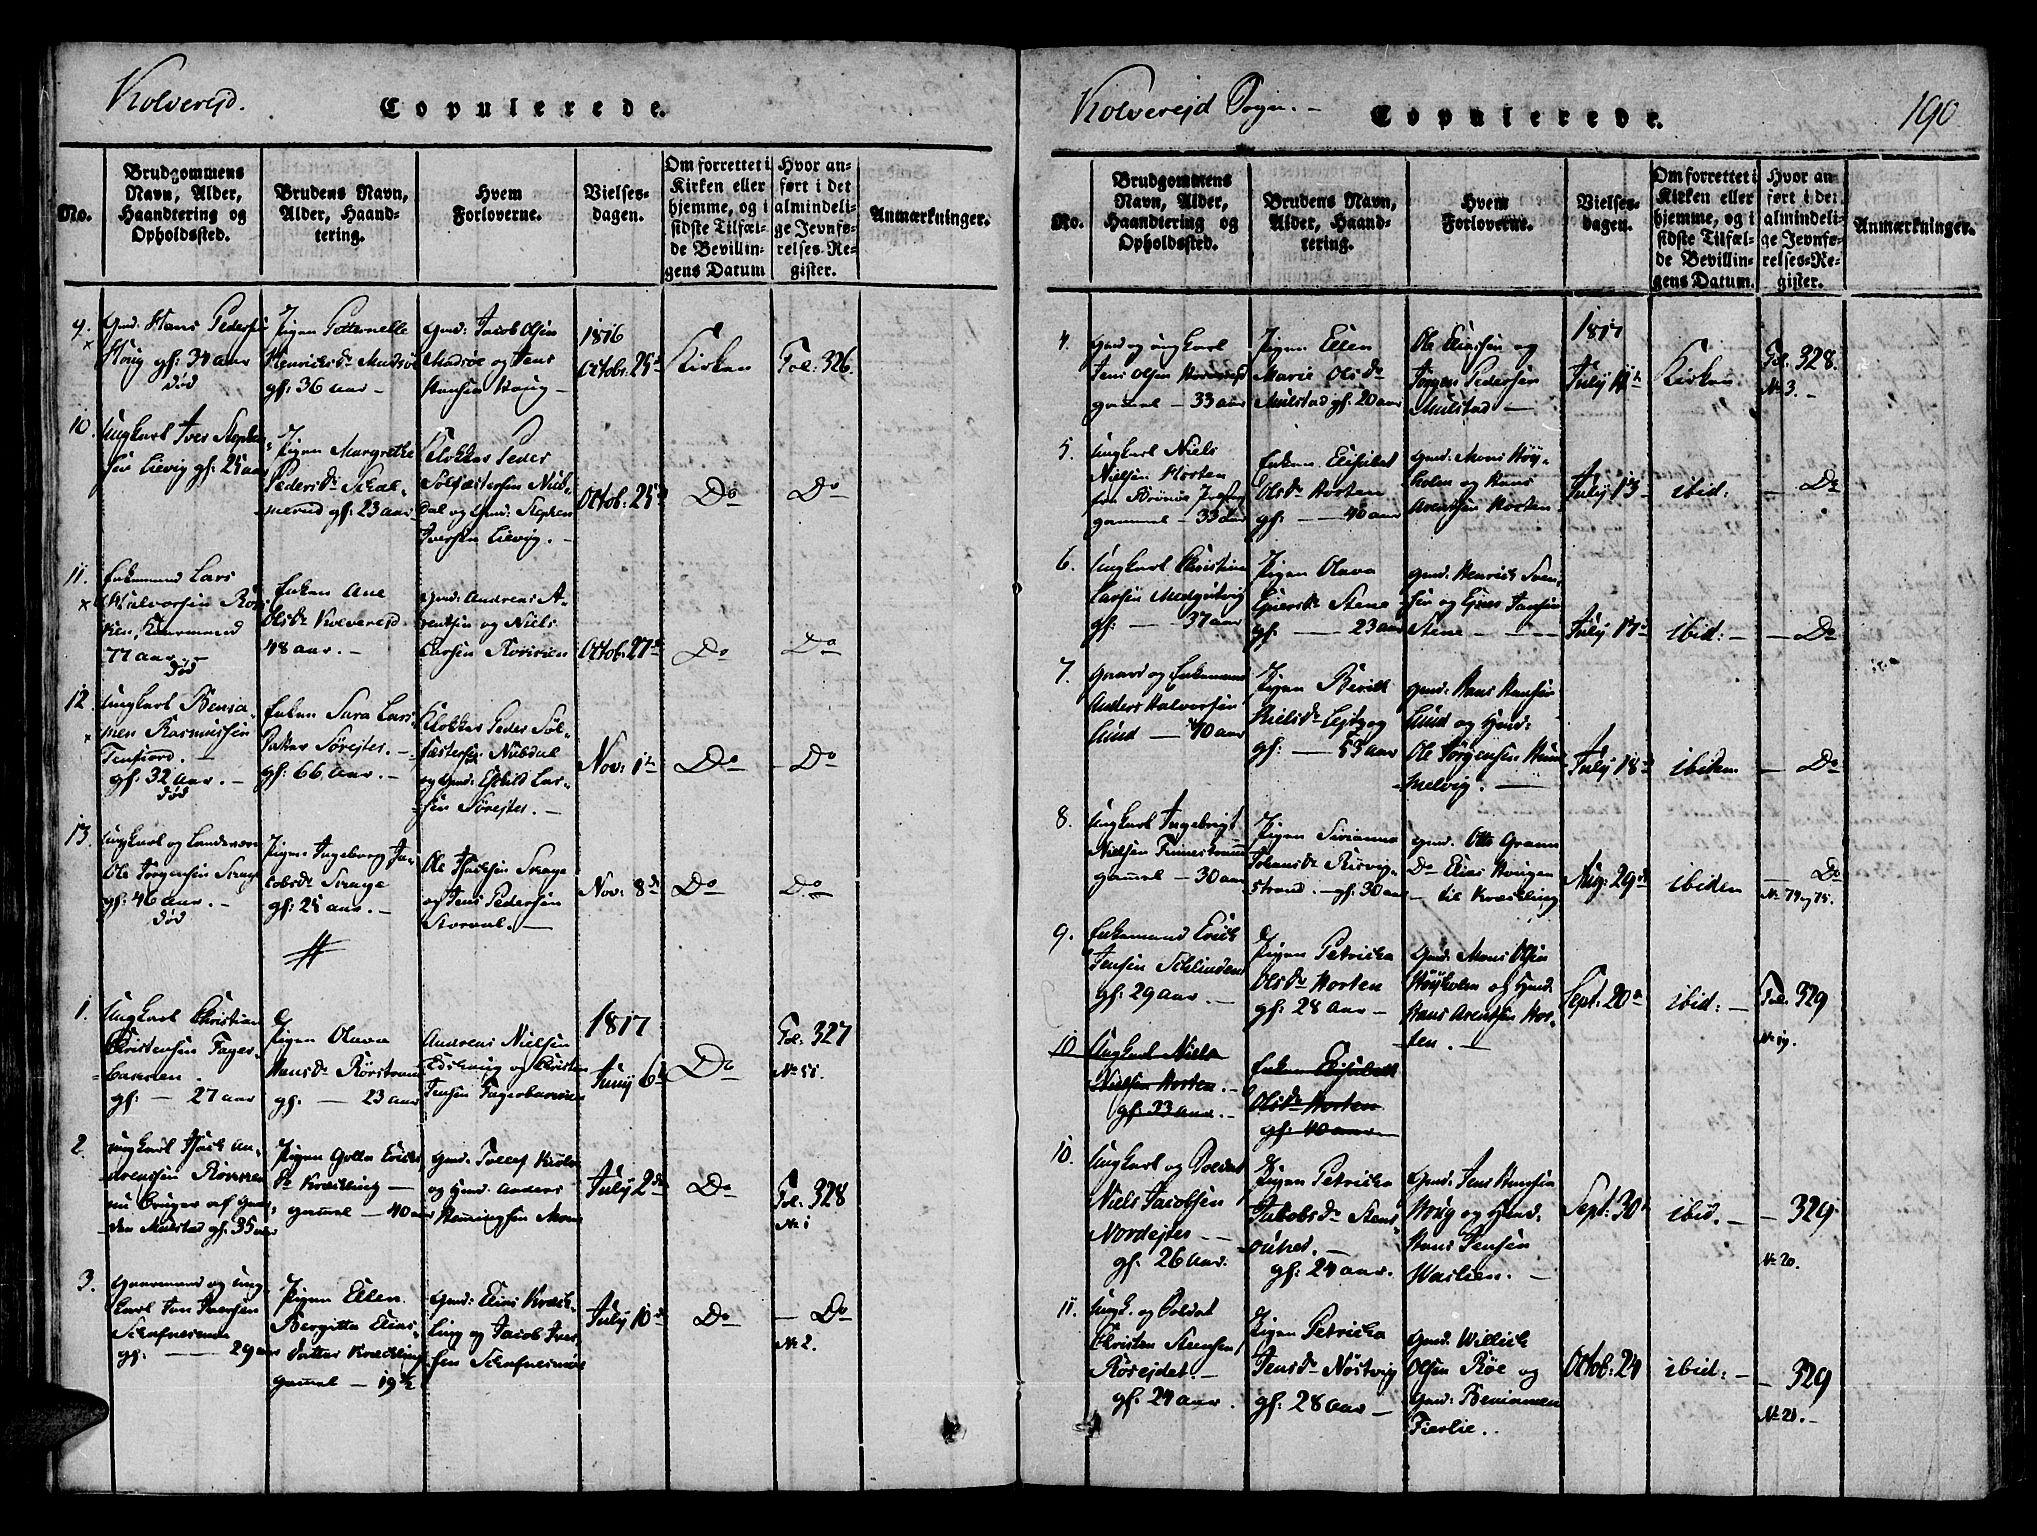 SAT, Ministerialprotokoller, klokkerbøker og fødselsregistre - Nord-Trøndelag, 780/L0636: Ministerialbok nr. 780A03 /1, 1815-1830, s. 190